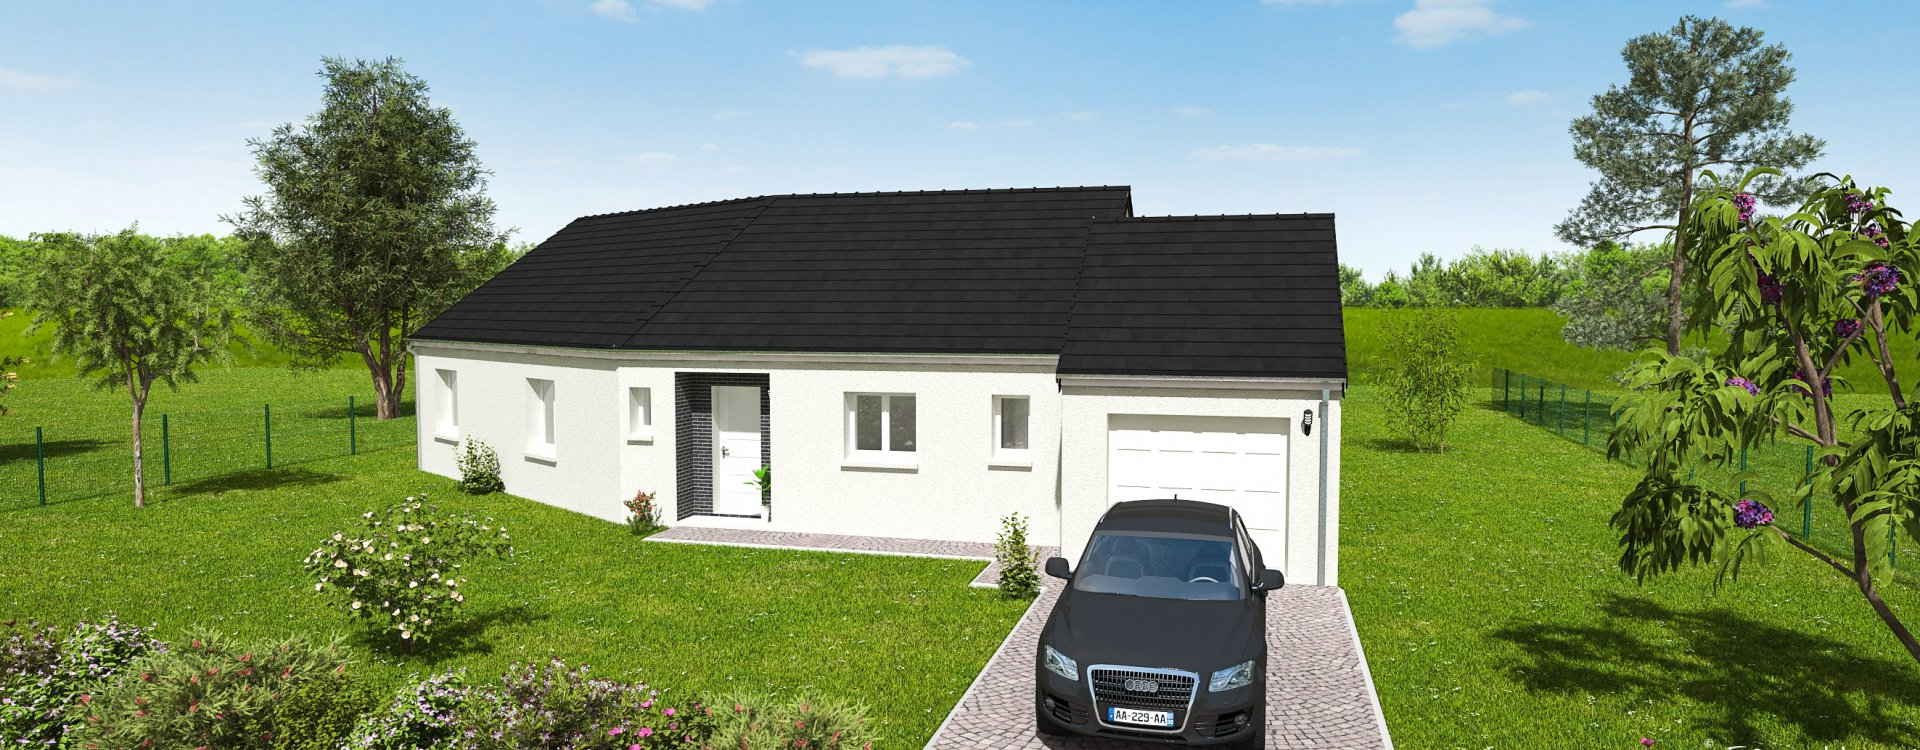 Maisons + Terrains du constructeur EASY HOUSE • 99 m² • NEUVILLE AUX BOIS